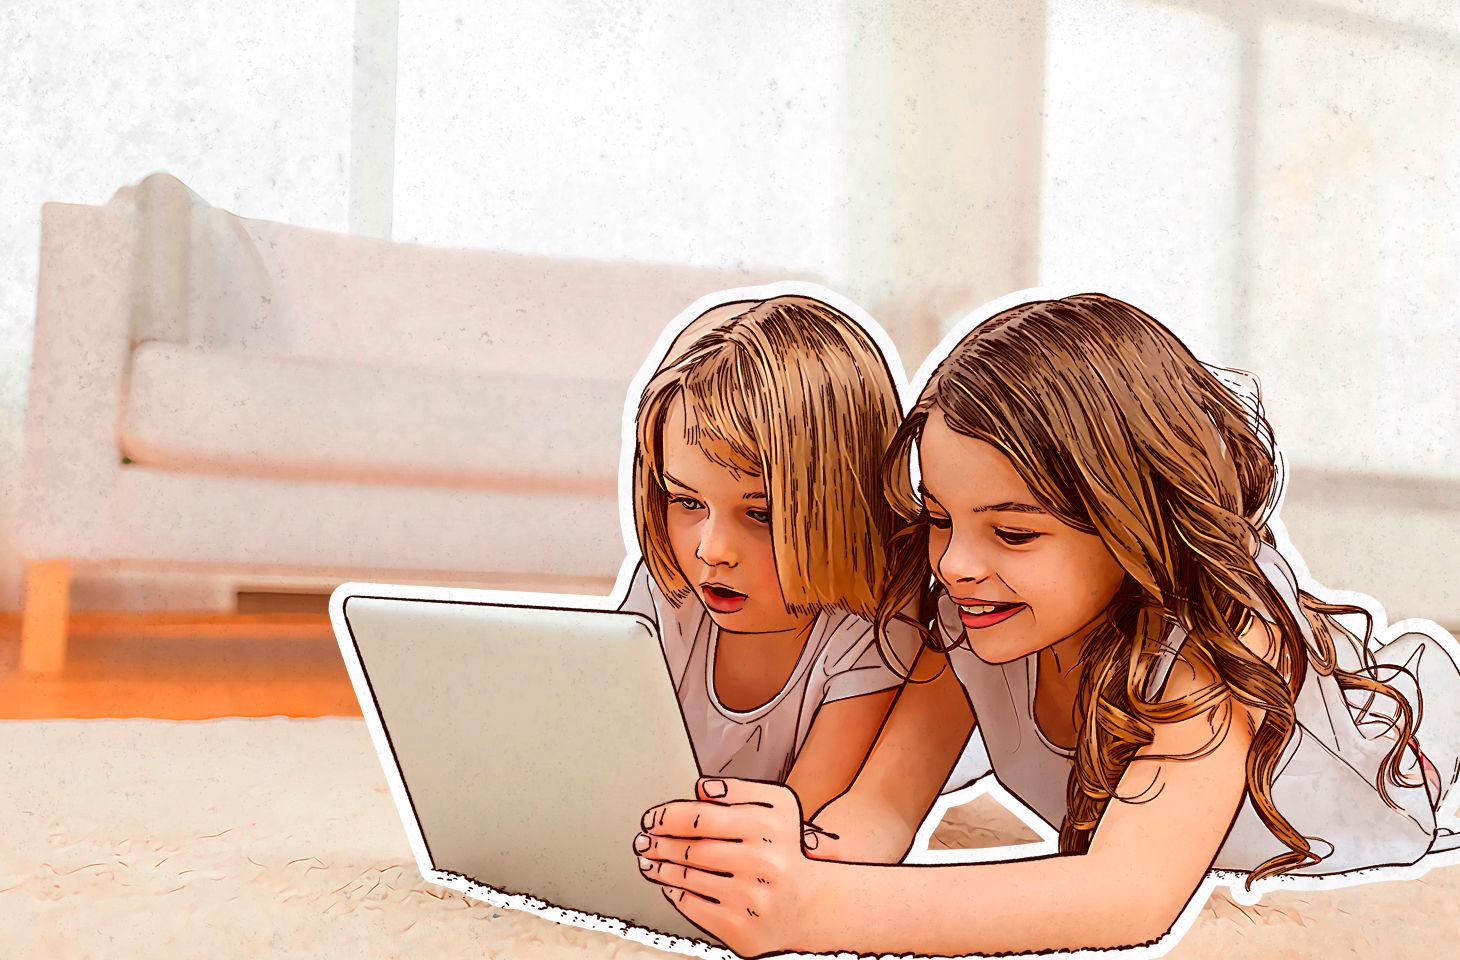 Как закрыть взрослые вебсайты от детей в iPad и iPhone – на всякий случай